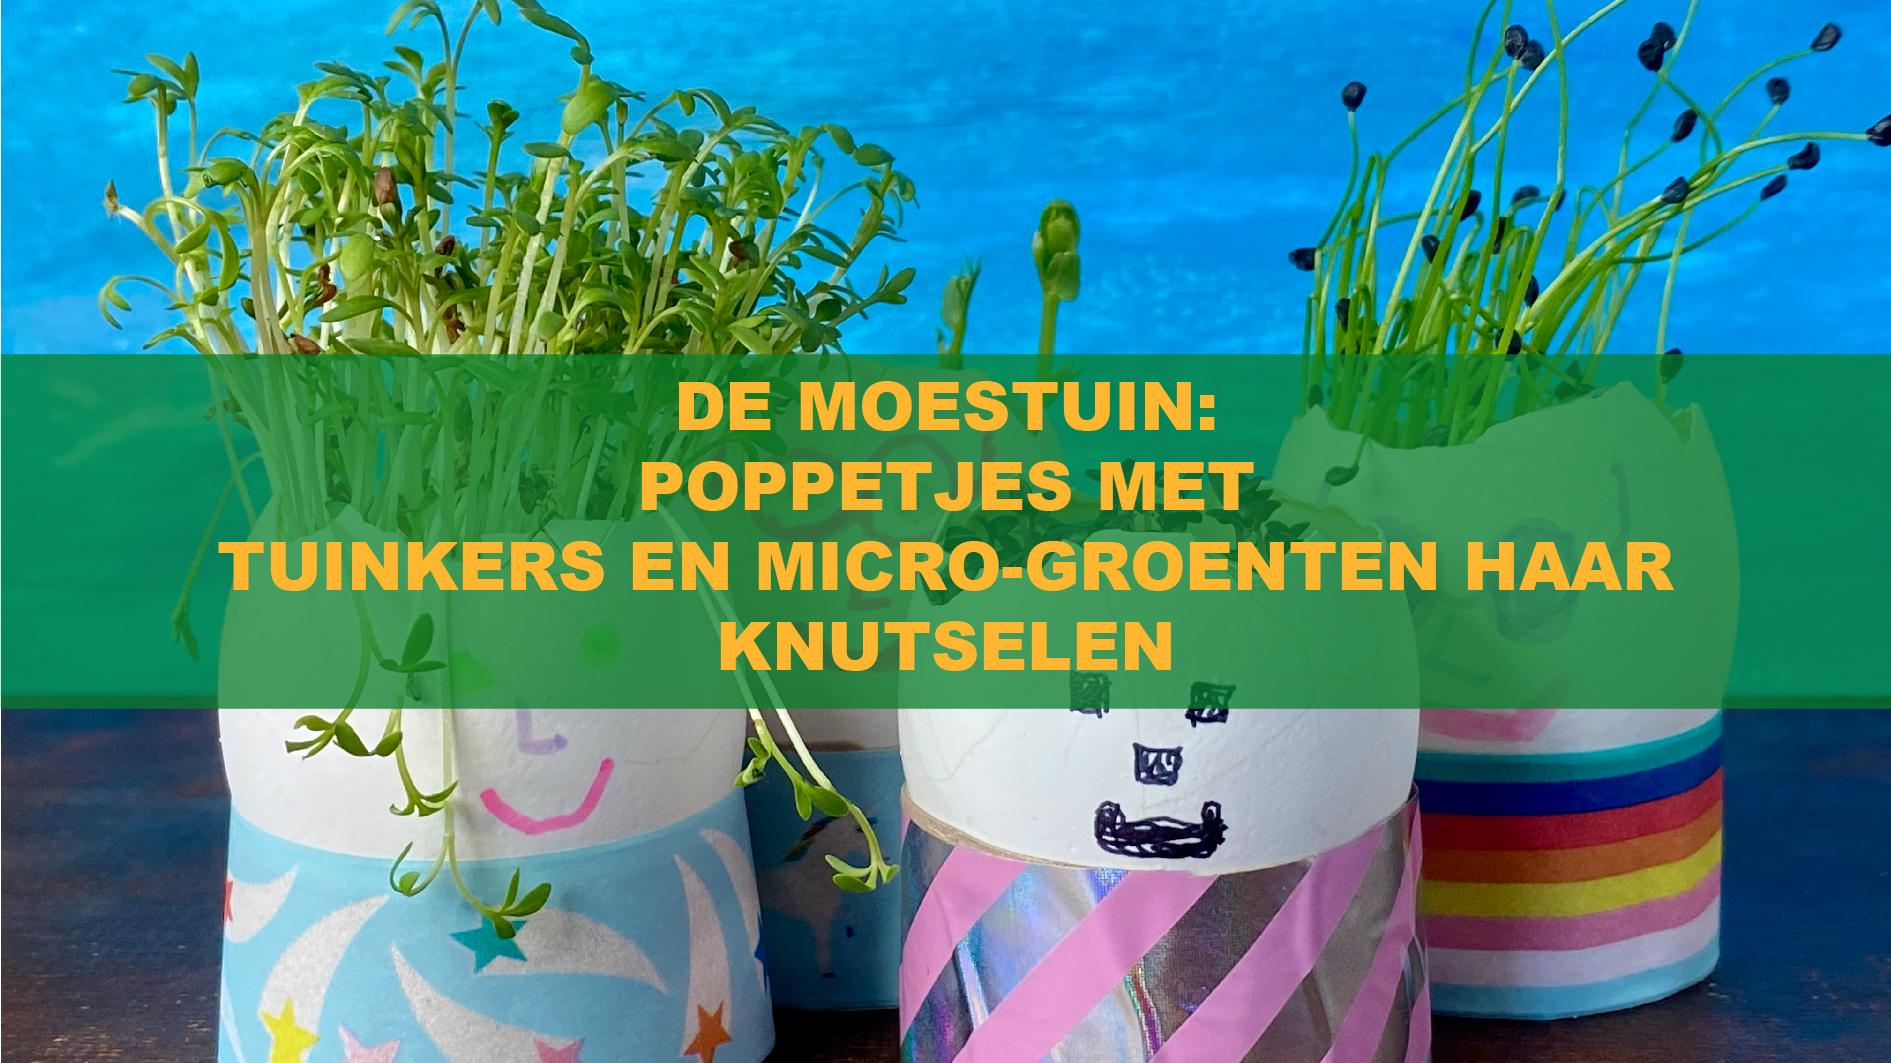 De Moestuin: Poppetjes Met Tuinkers En Micro-Groenten Haar Knutselen